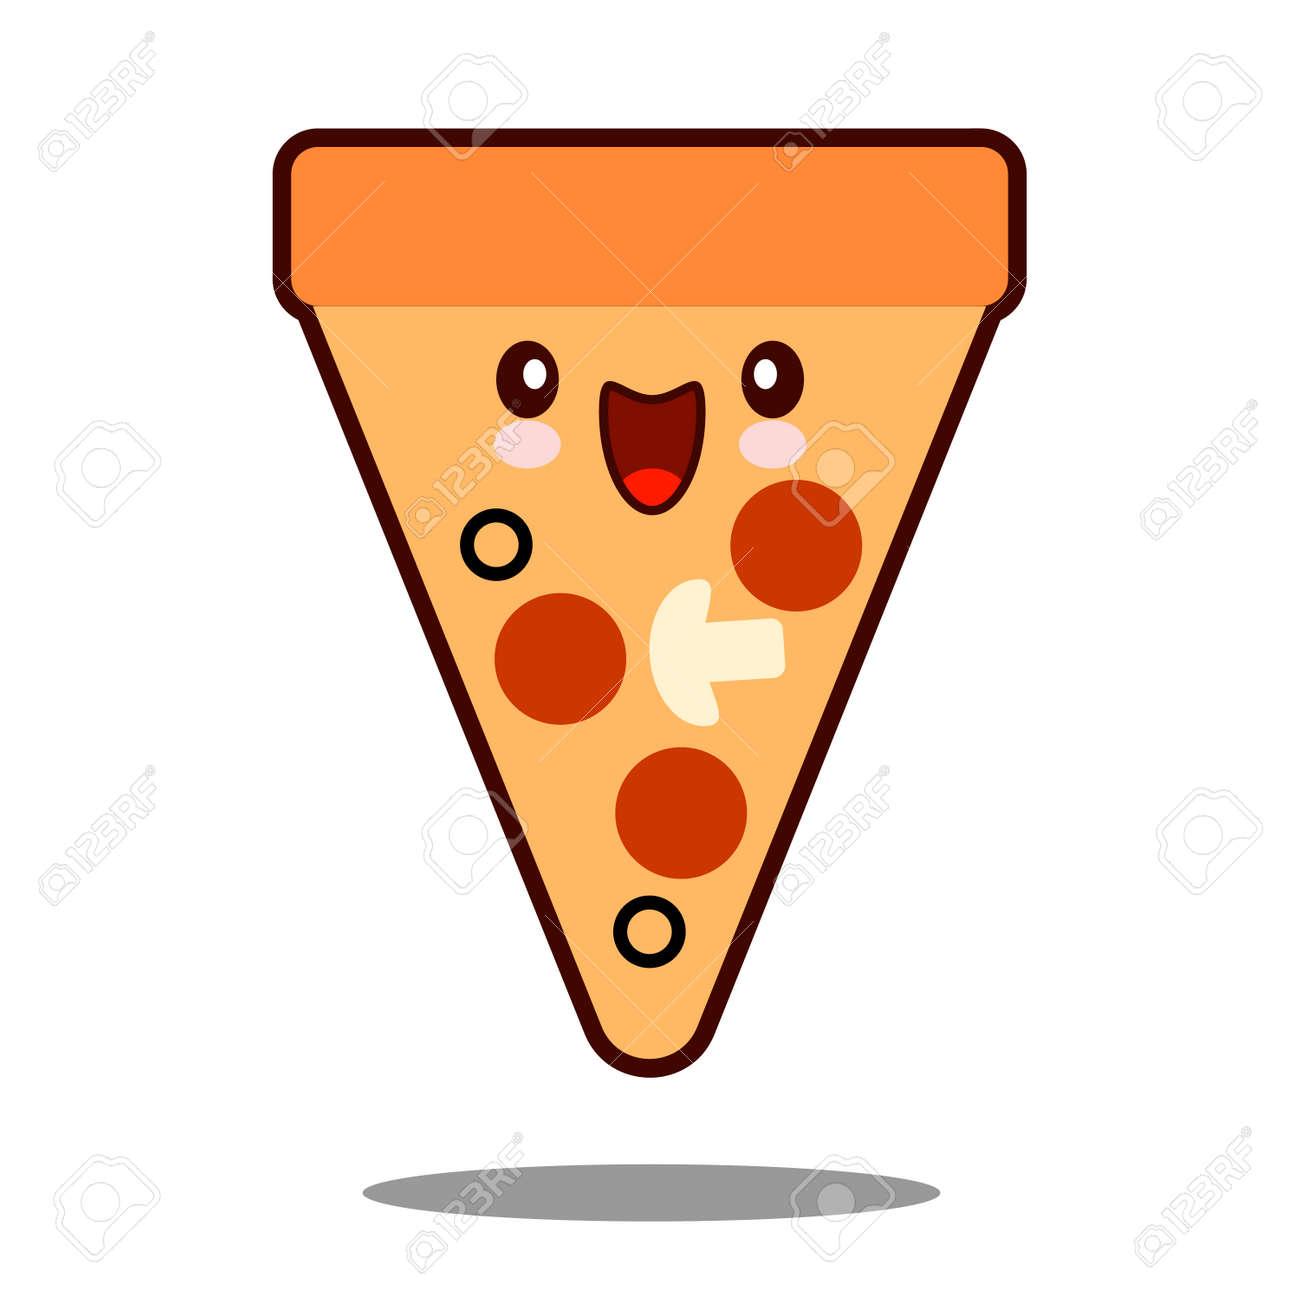 Icono De Personaje De Dibujos Animados De Pizza Comida Rápida Kawaii